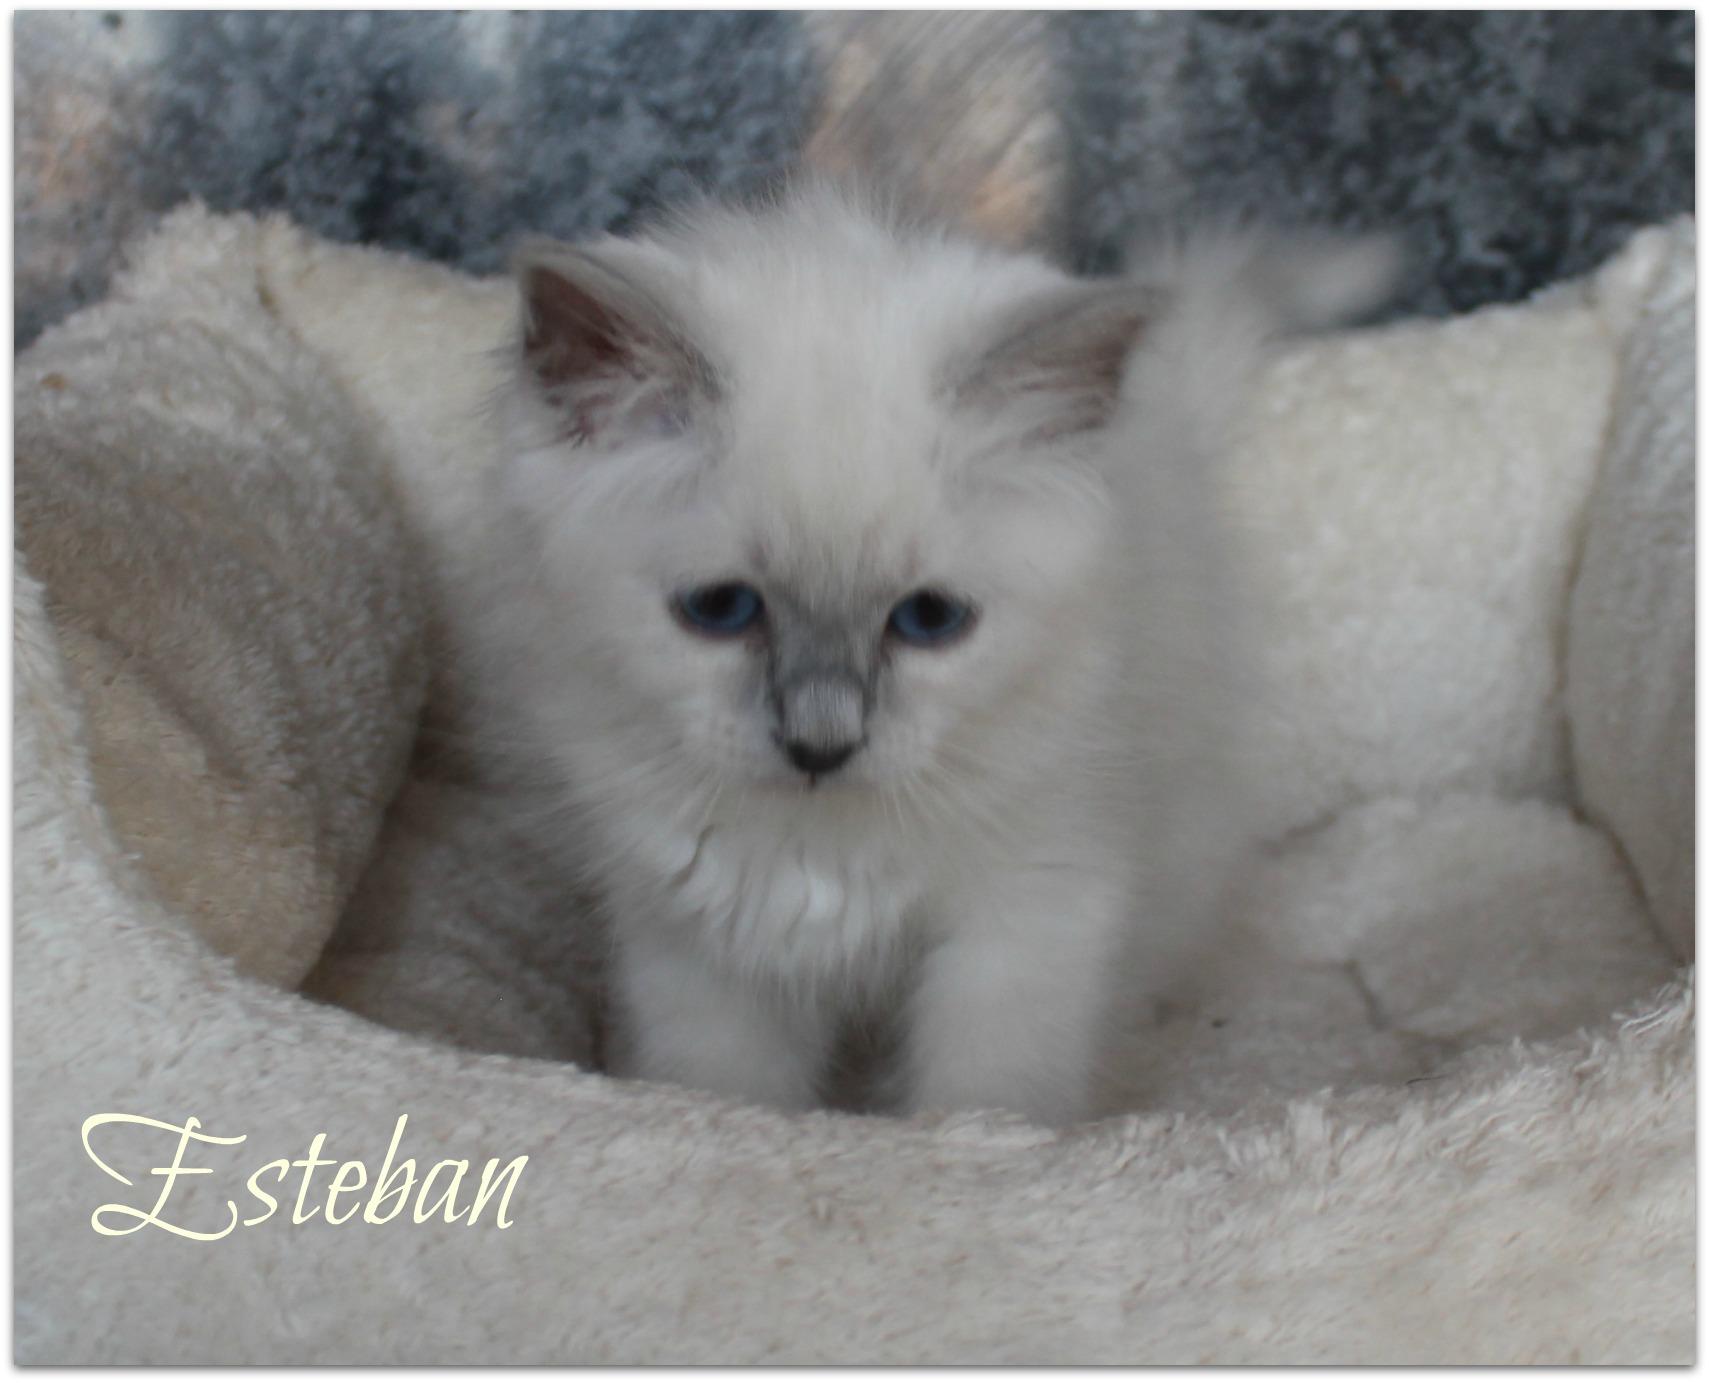 esteban2_0